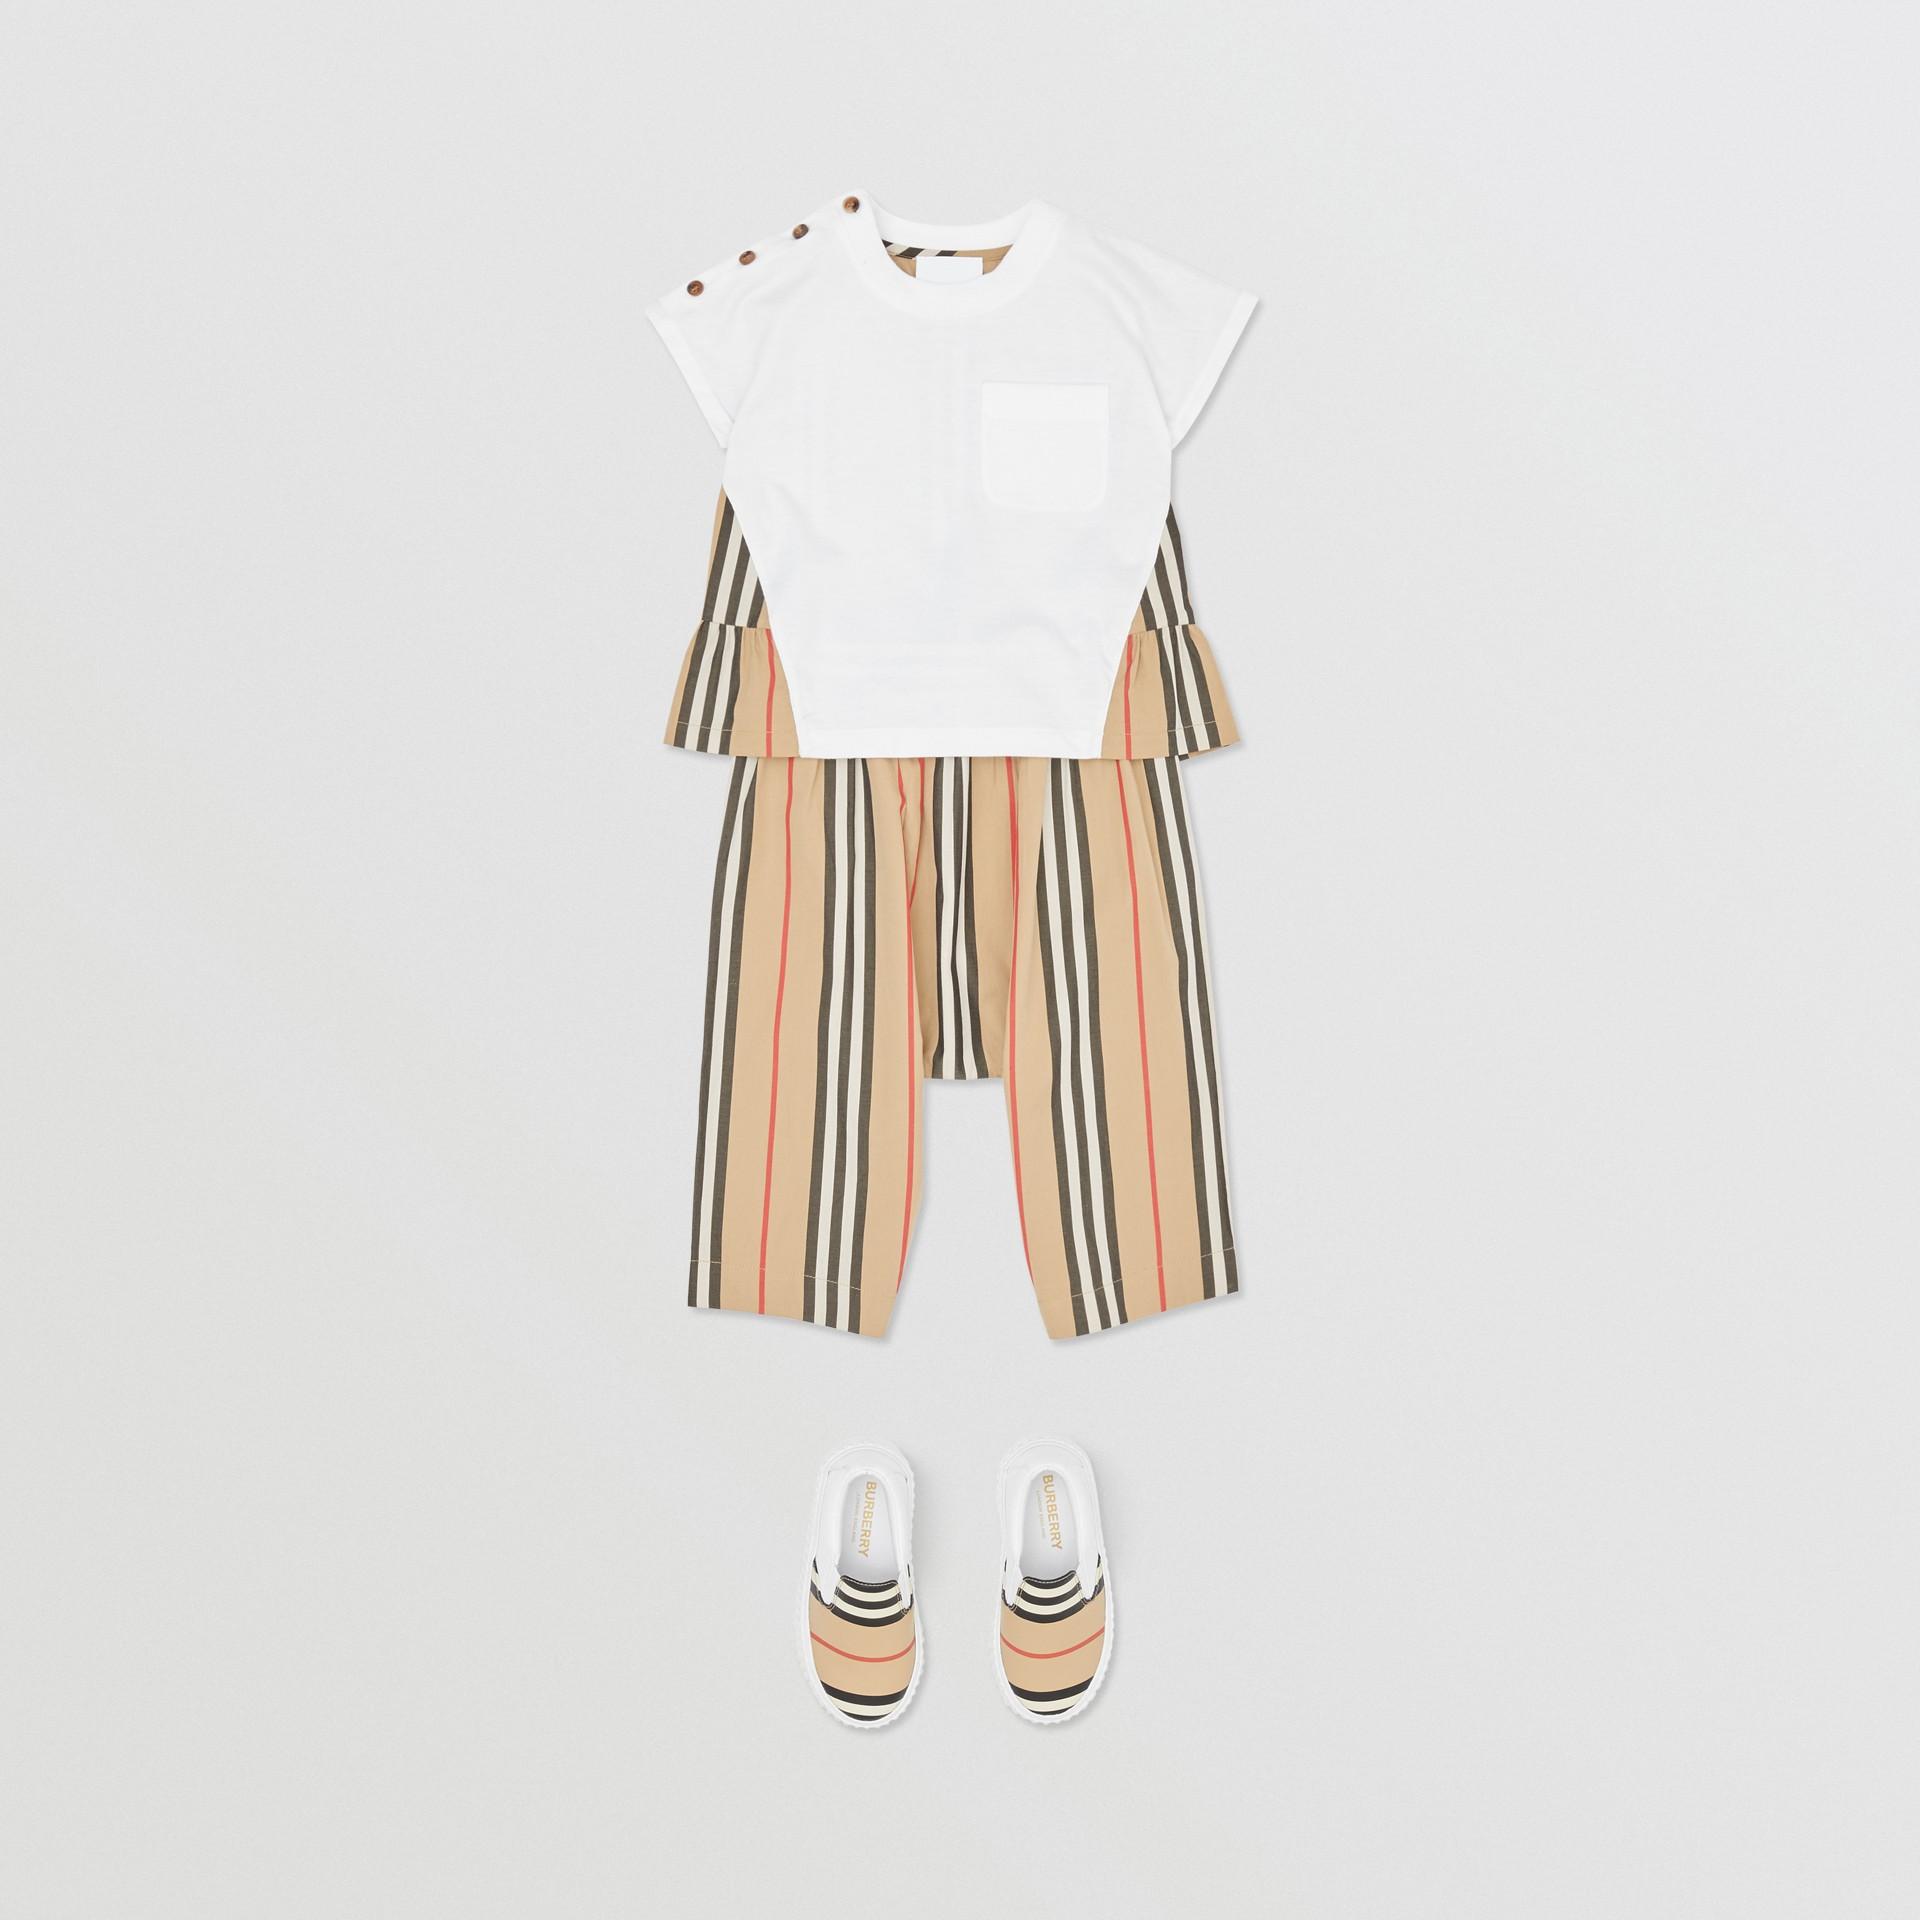 アイコンストライプパネル コットンTシャツ (ホワイト/アーカイブベージュ) - チルドレンズ | バーバリー - ギャラリーイメージ 2